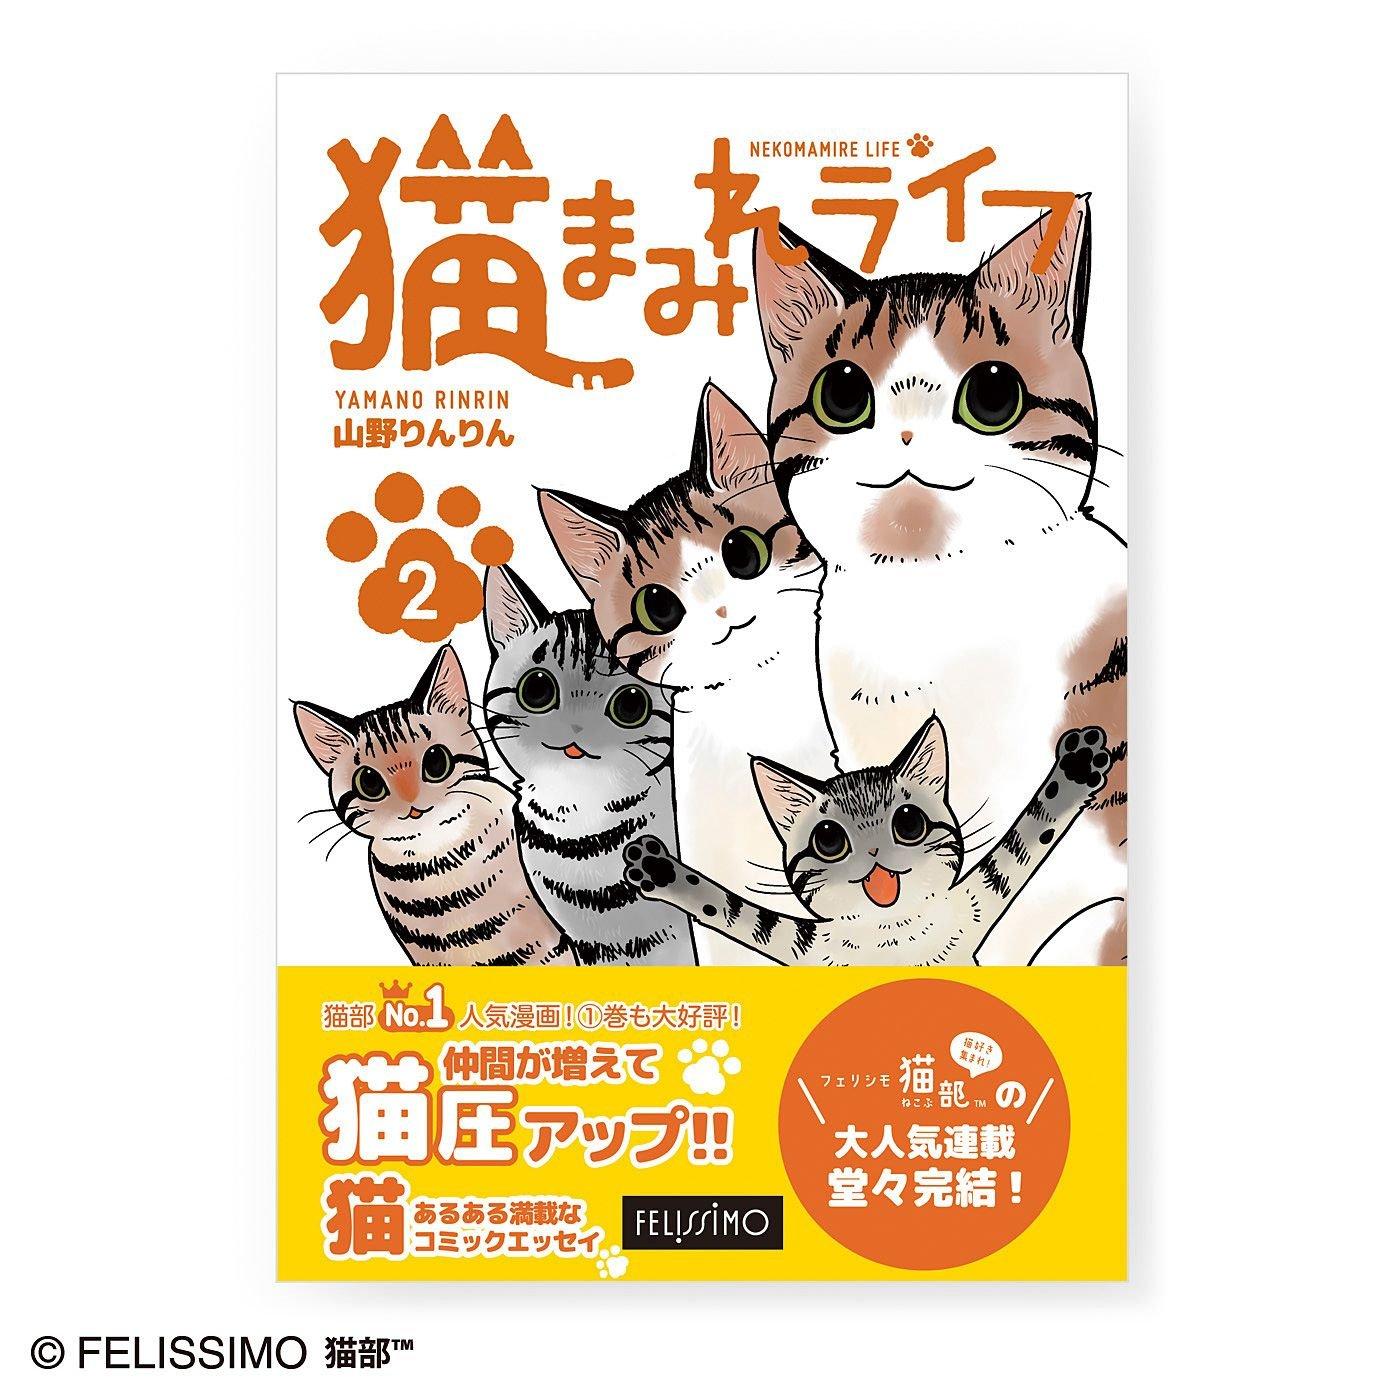 コミック『猫まみれライフ』第2巻